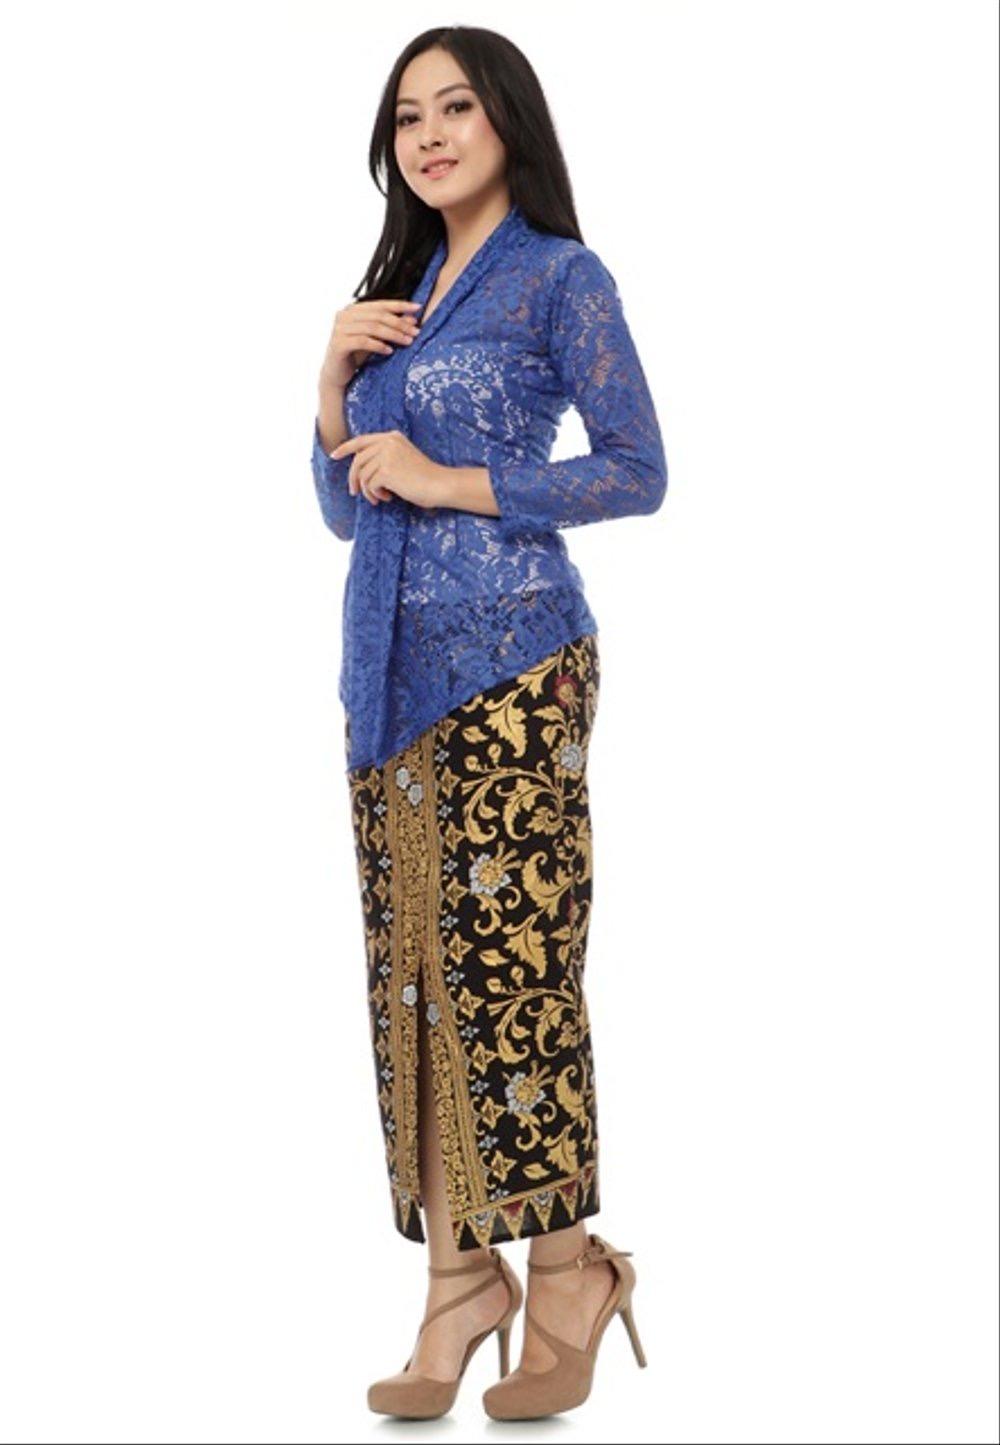 Gambar Model Kebaya Bali